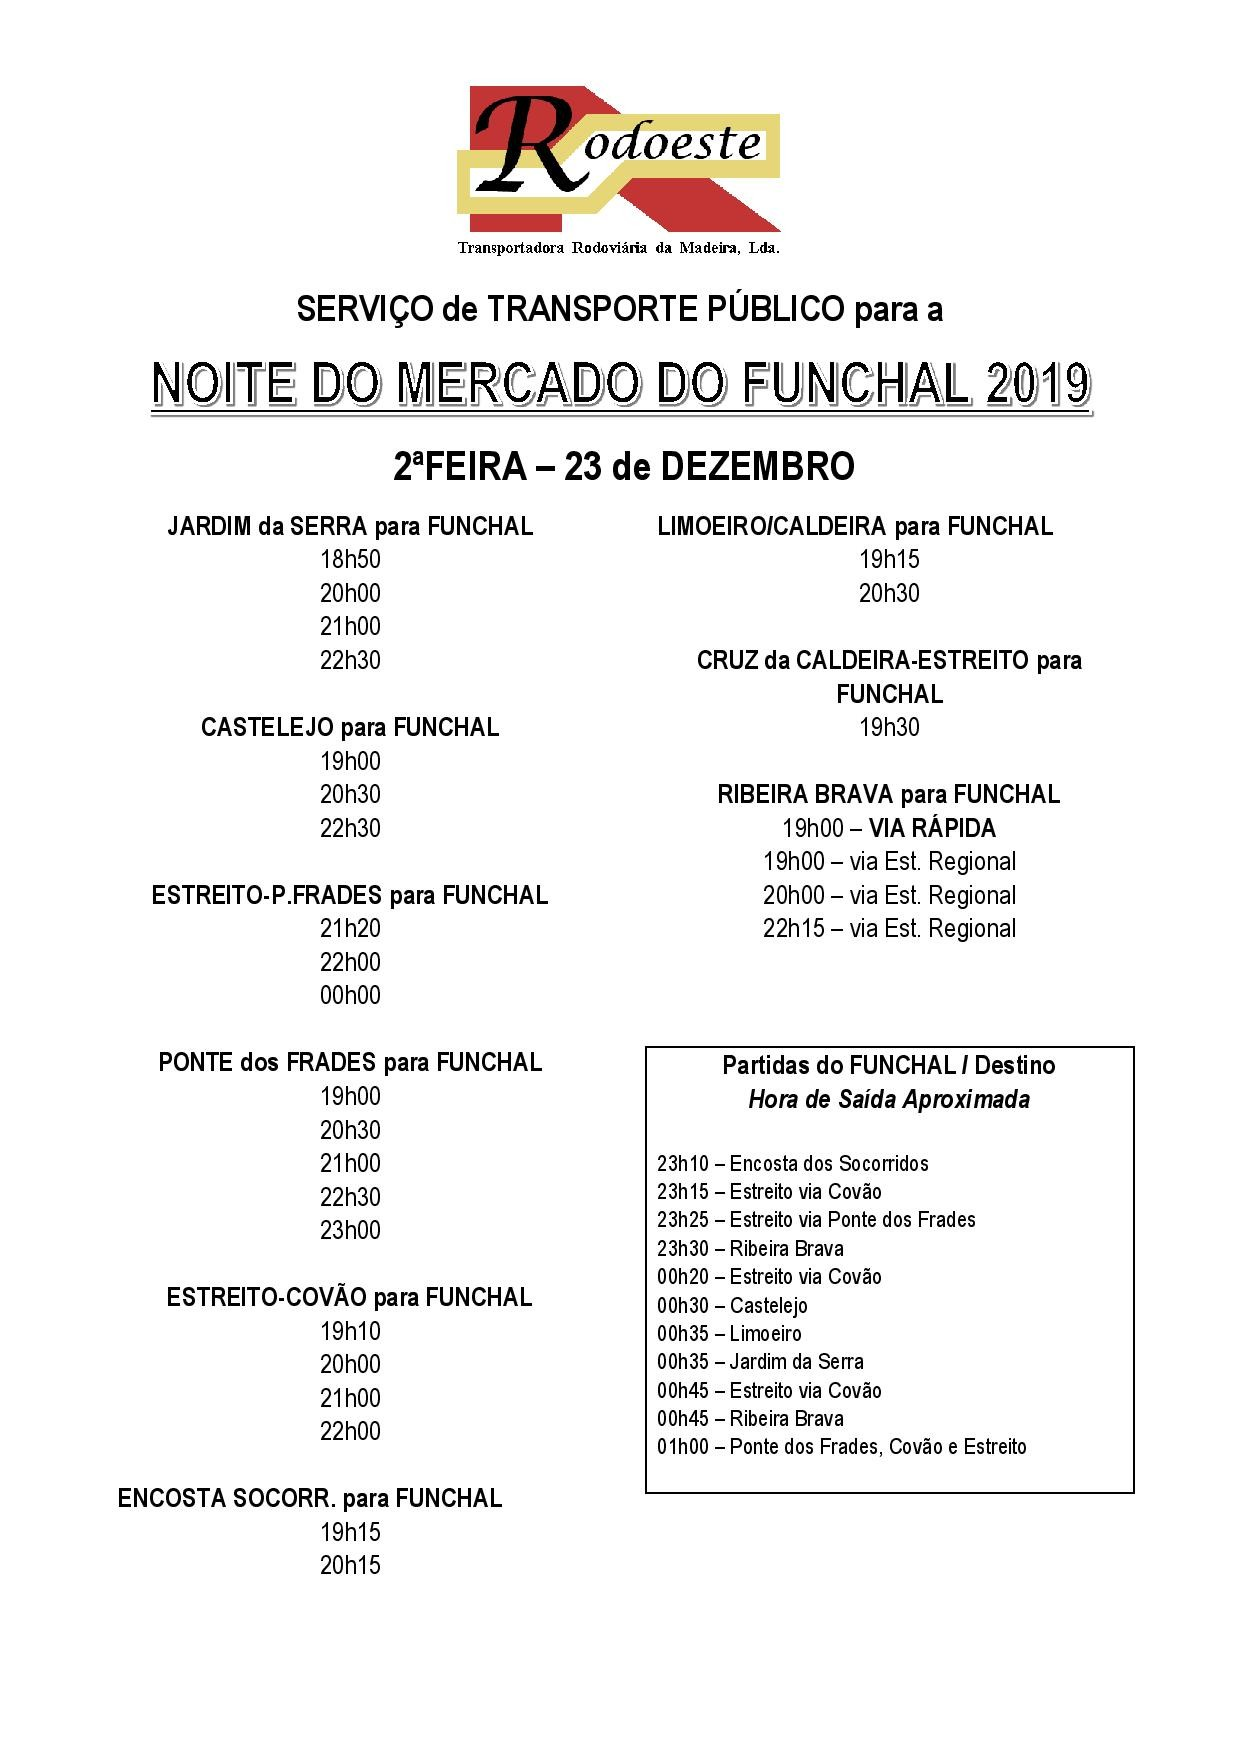 NOITE DO MERCADO DO FUNCHAL - Serviço de transporte público